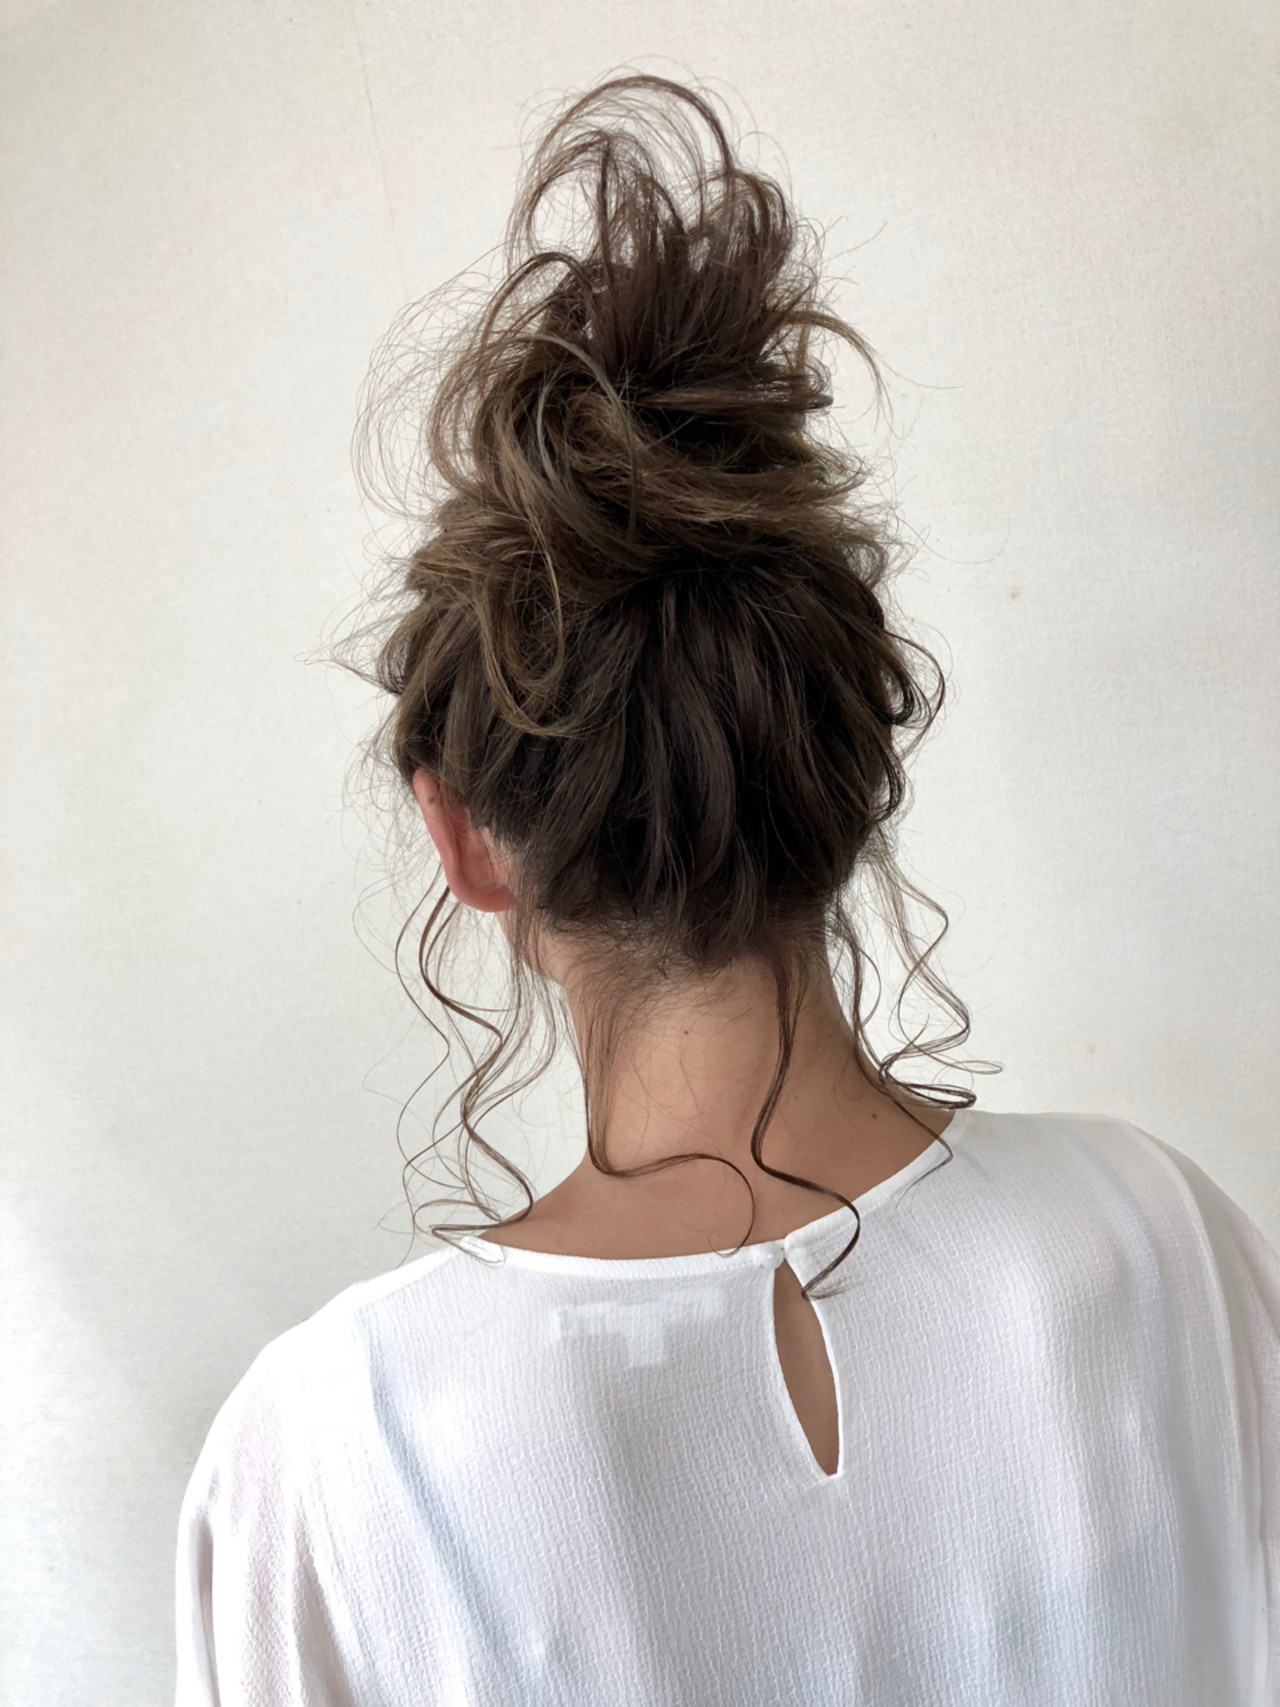 フェミニン ゆるふわ ヘアアレンジ ミディアムヘアスタイルや髪型の写真・画像